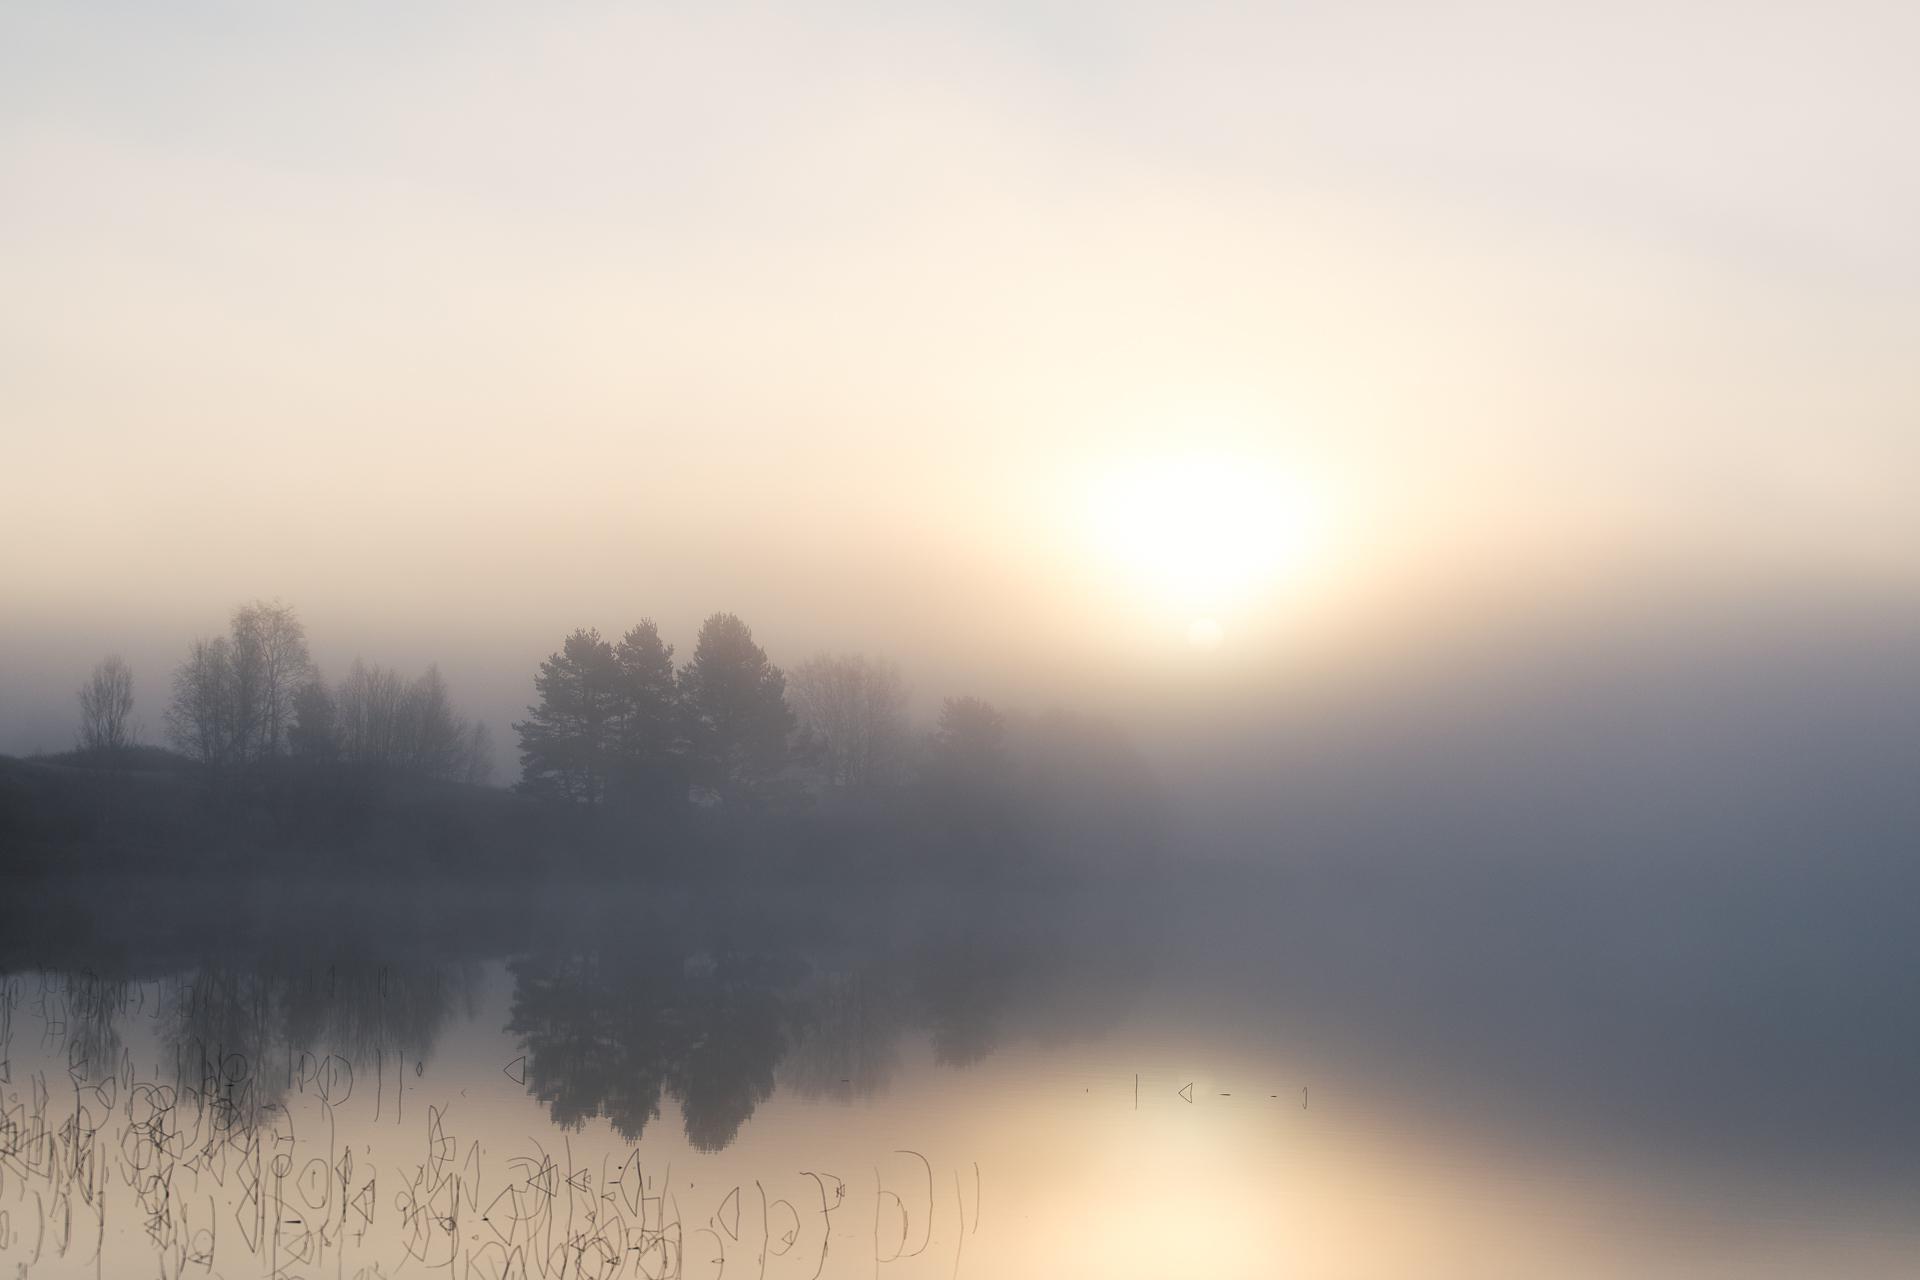 Morgon vid Särnsjön